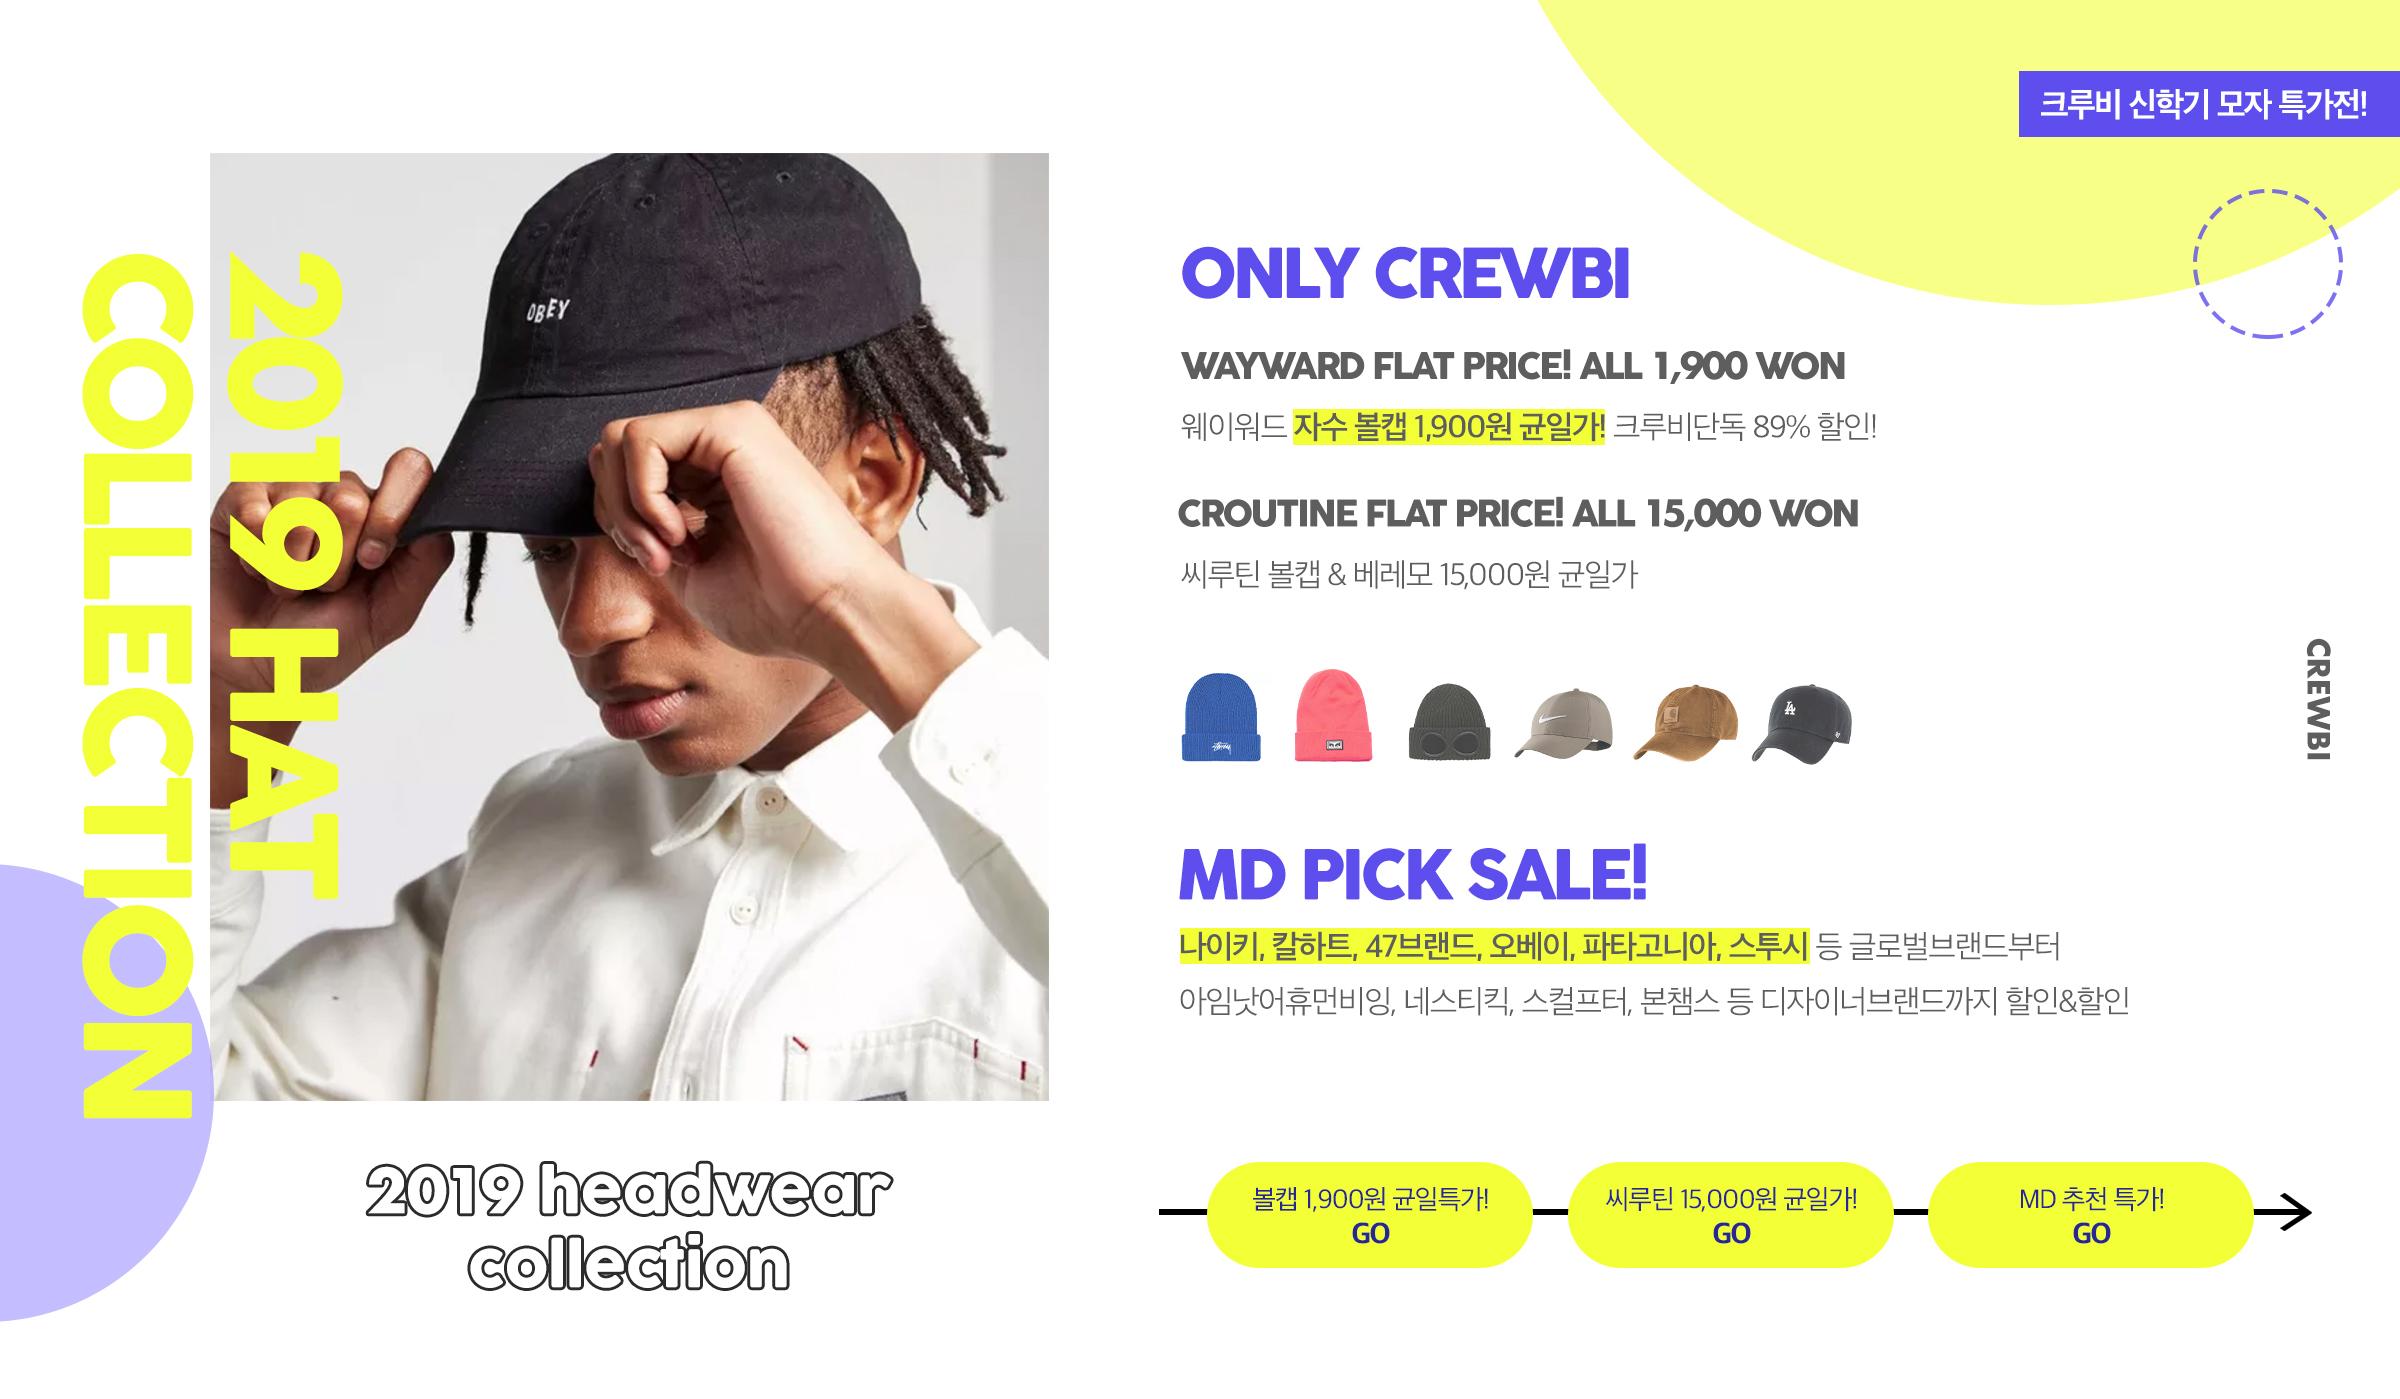 크루비 신학기 모자 특가전!